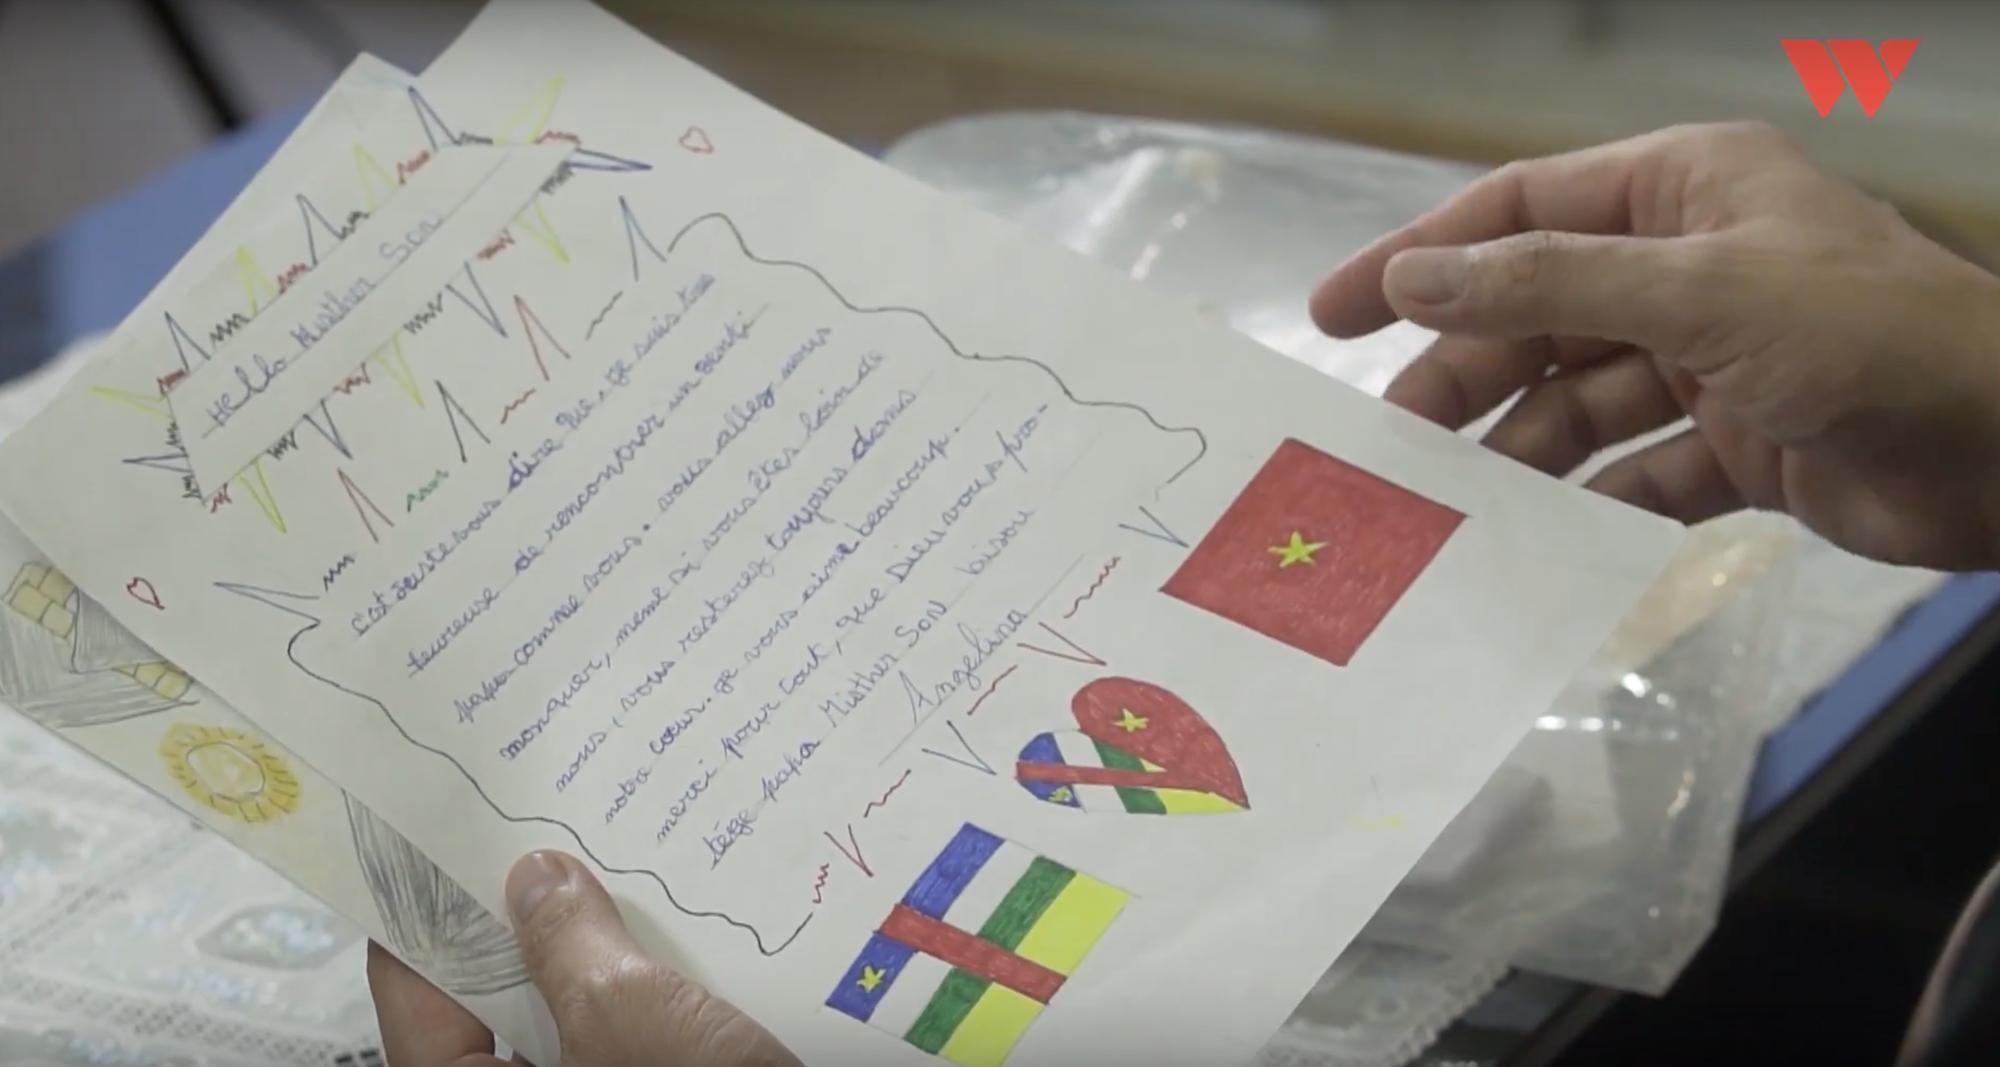 """Câu chuyện đẹp về người sĩ quan Việt dạy học trên đất Trung Phi: """"Nhìn các con bò ra ghế học chữ trong trời tối, tôi thương lắm"""" - Ảnh 6."""